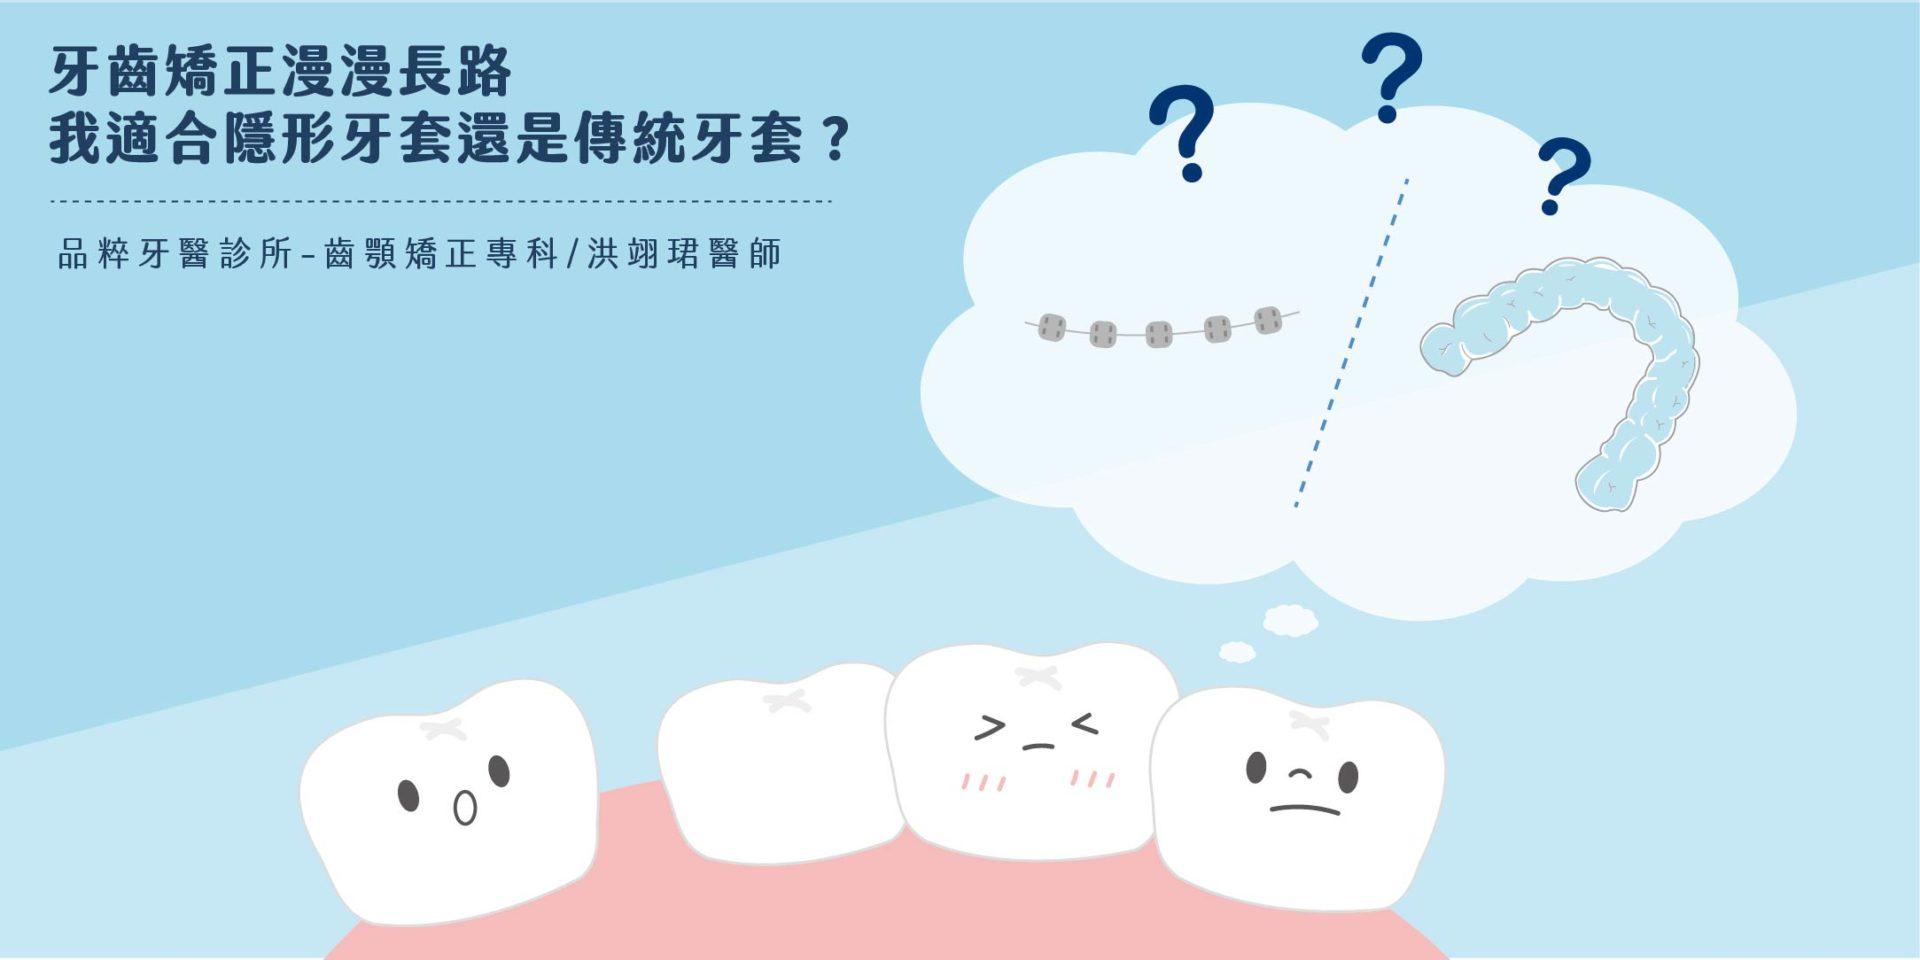 品粹牙醫金屬矯正與隱形矯正優缺比較